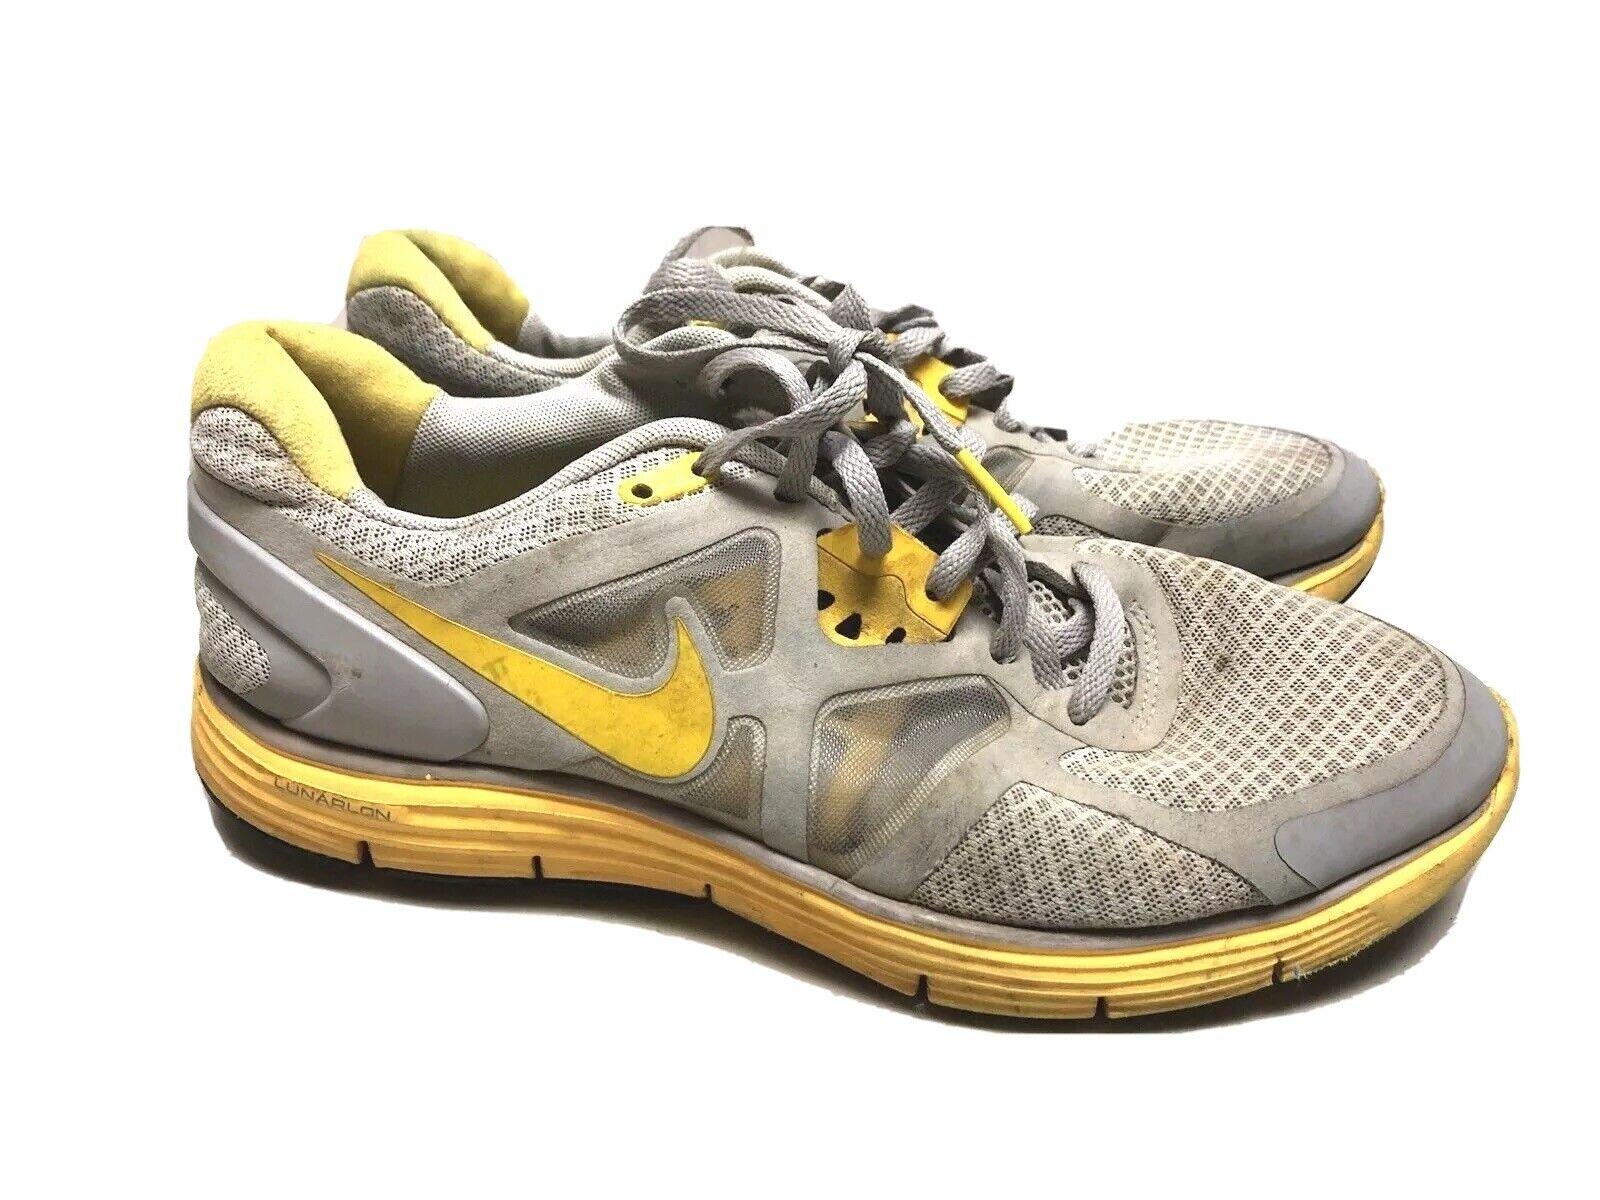 Femme Nike Lunarlon Running Livestrong loup gris chaussures jaunes 454514-070 9 US